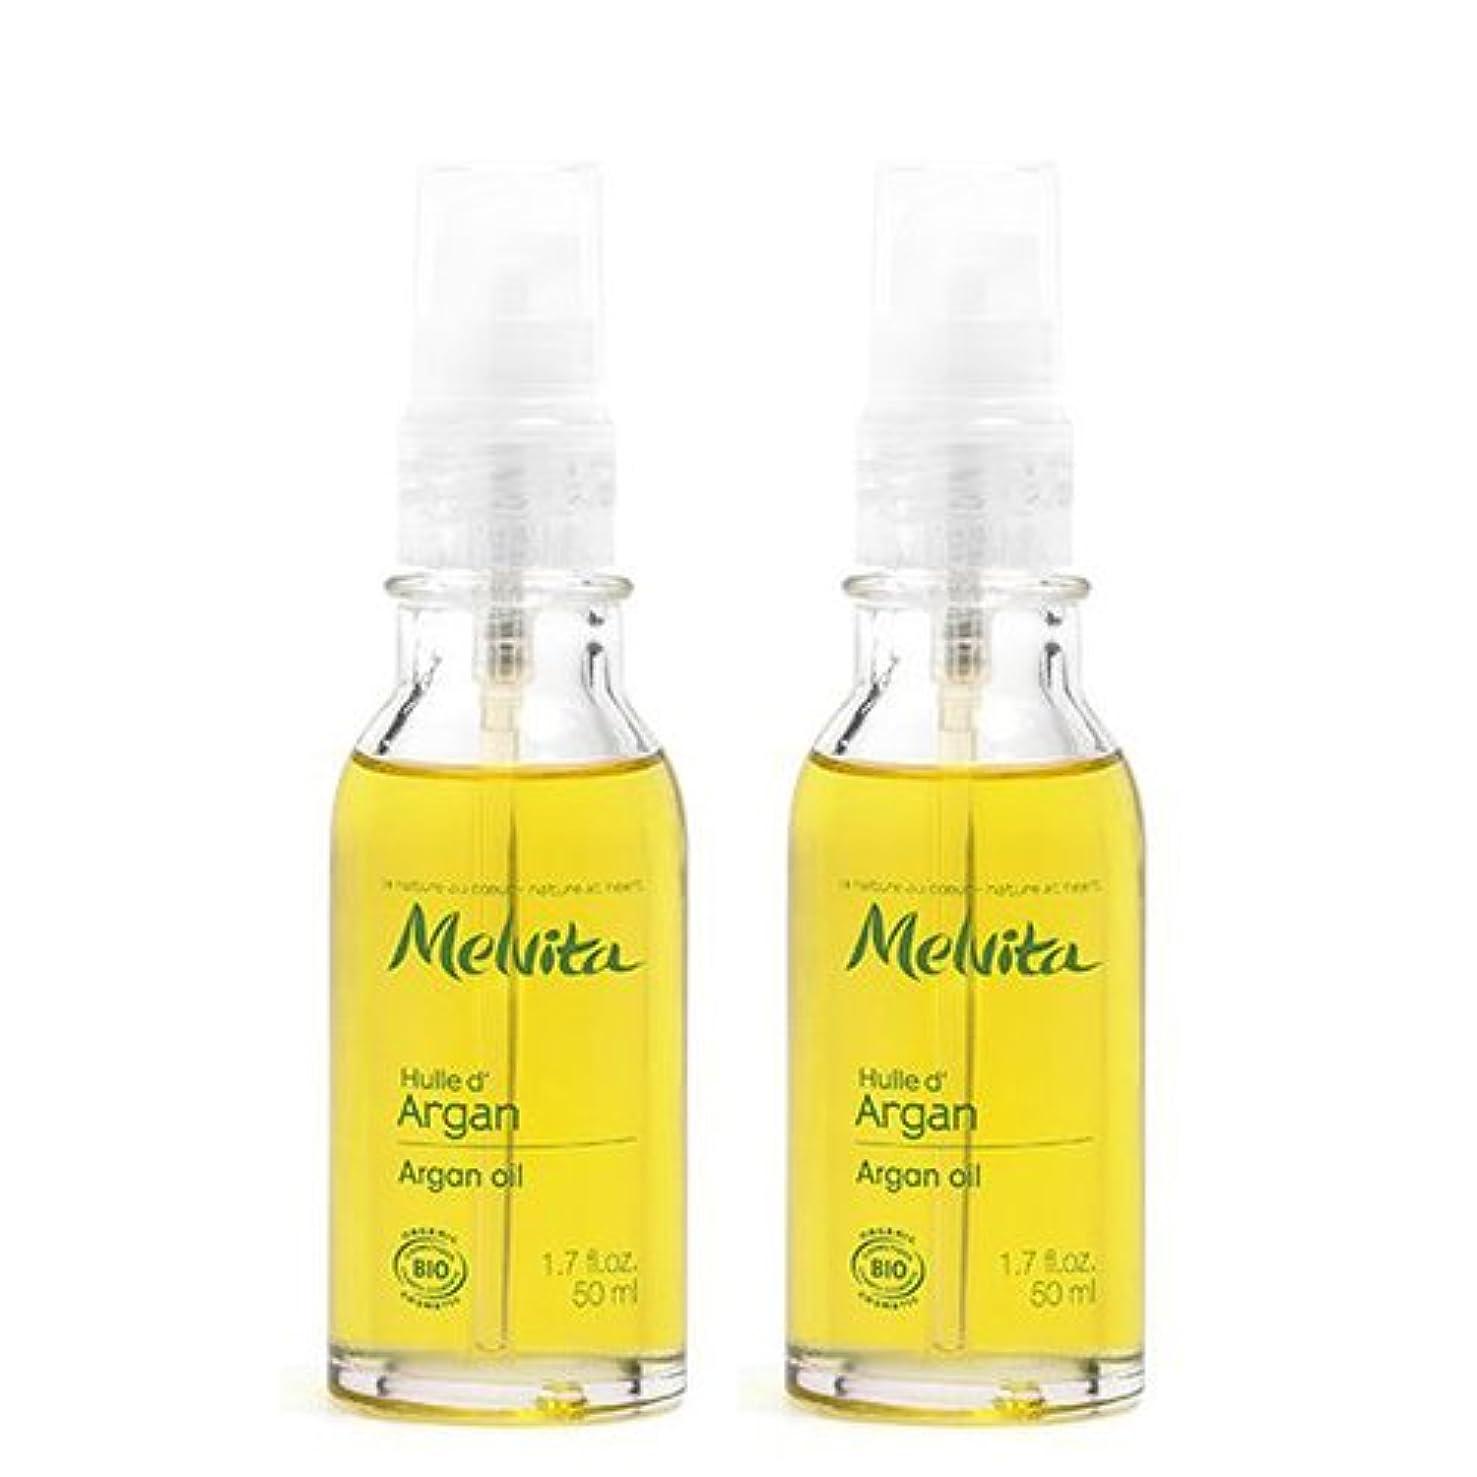 リットル可決完璧メルヴィータ(Melvita) 2個セット ビオオイル アルガン オイル 50ml [並行輸入品]